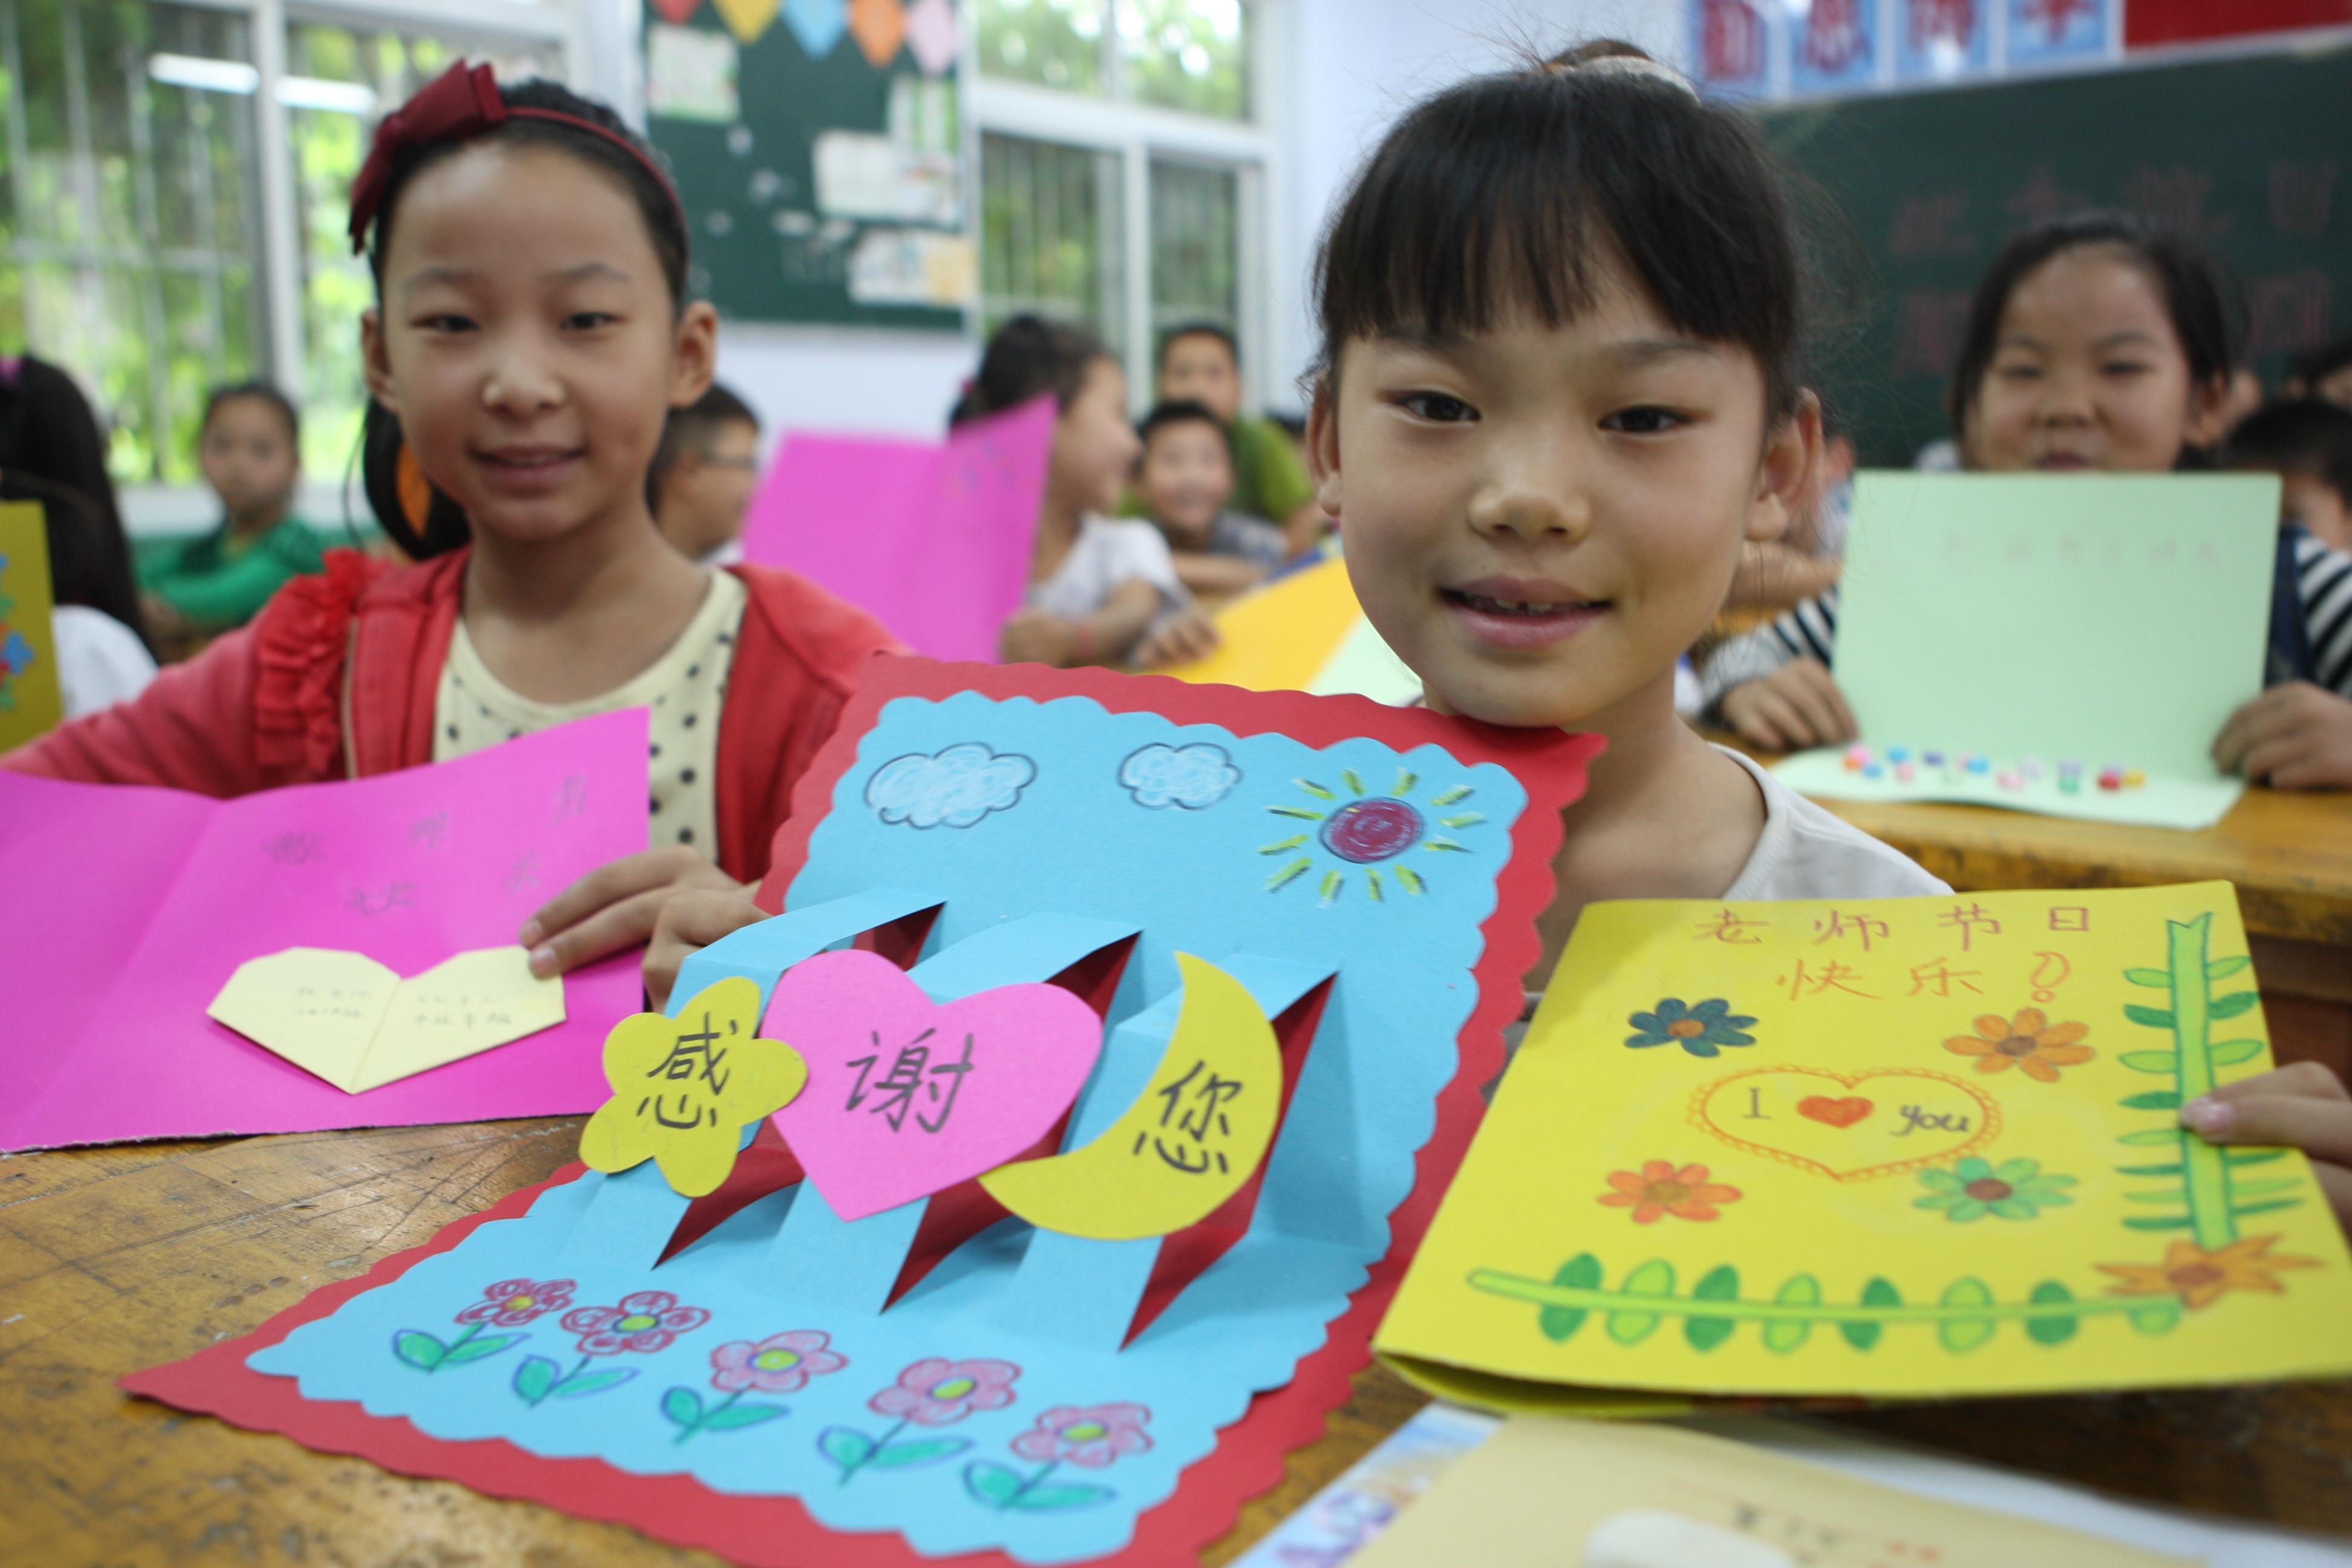 """图片新闻:解放区中小学生制作""""低碳""""贺卡赠送老师"""